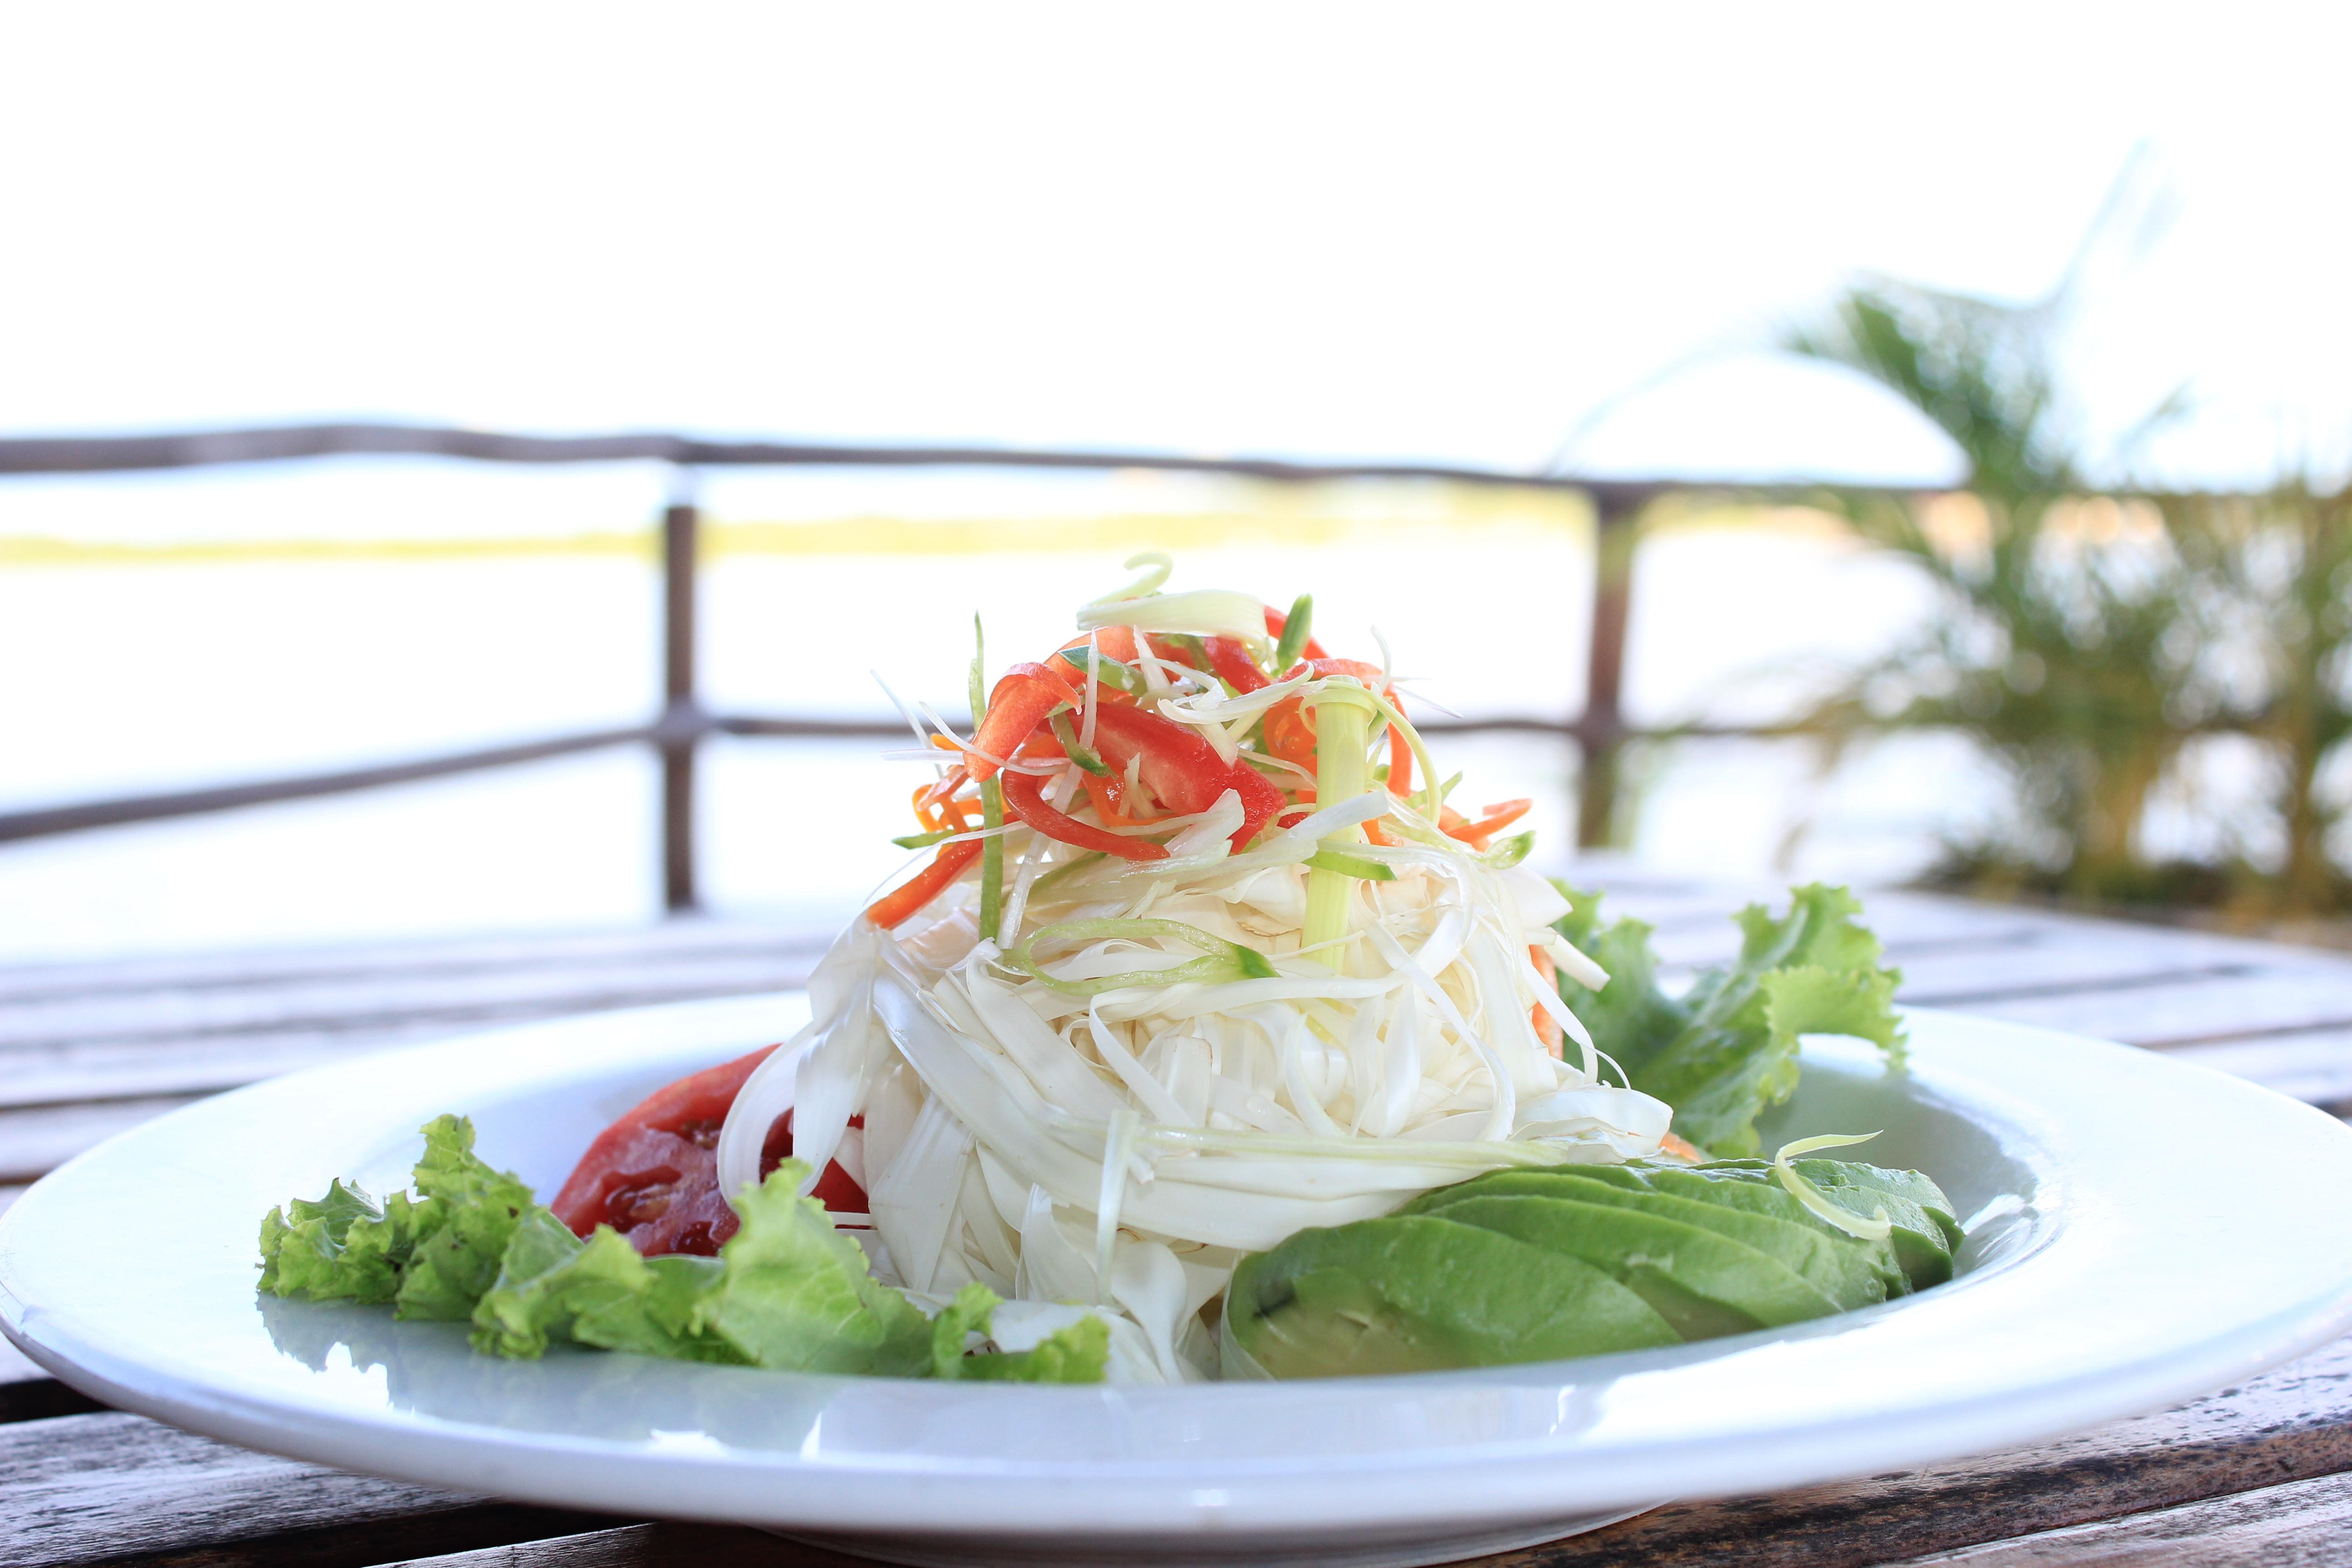 chonta salad, Al Frio y Al Fuego, Delfin